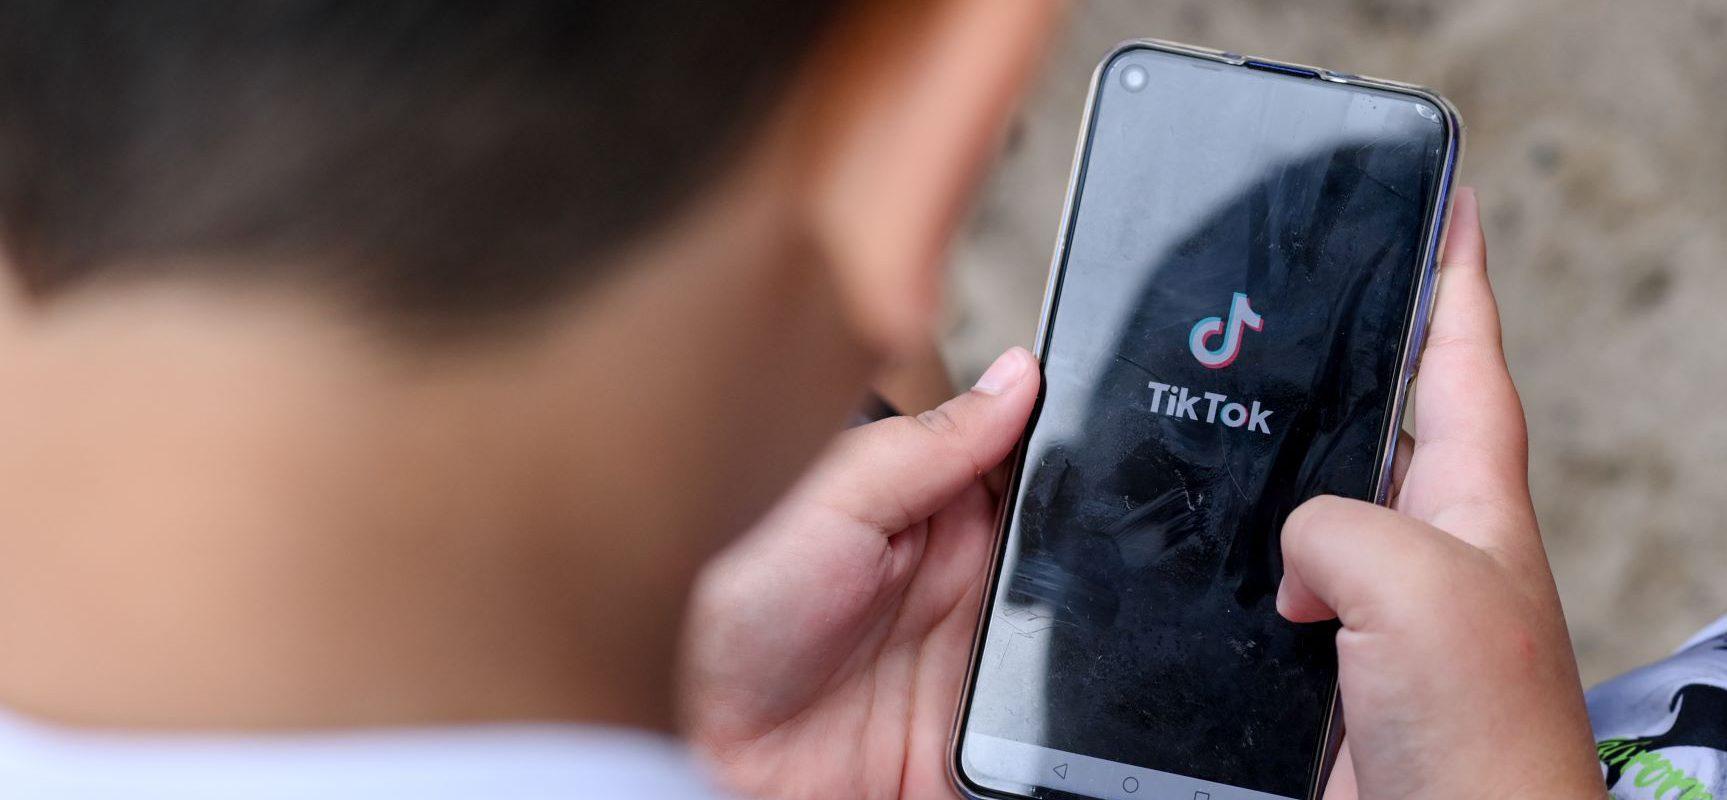 Otro niño perdió la vida por reto de TikTok: El pequeño de 12 años se asfixió al hacer el desafío